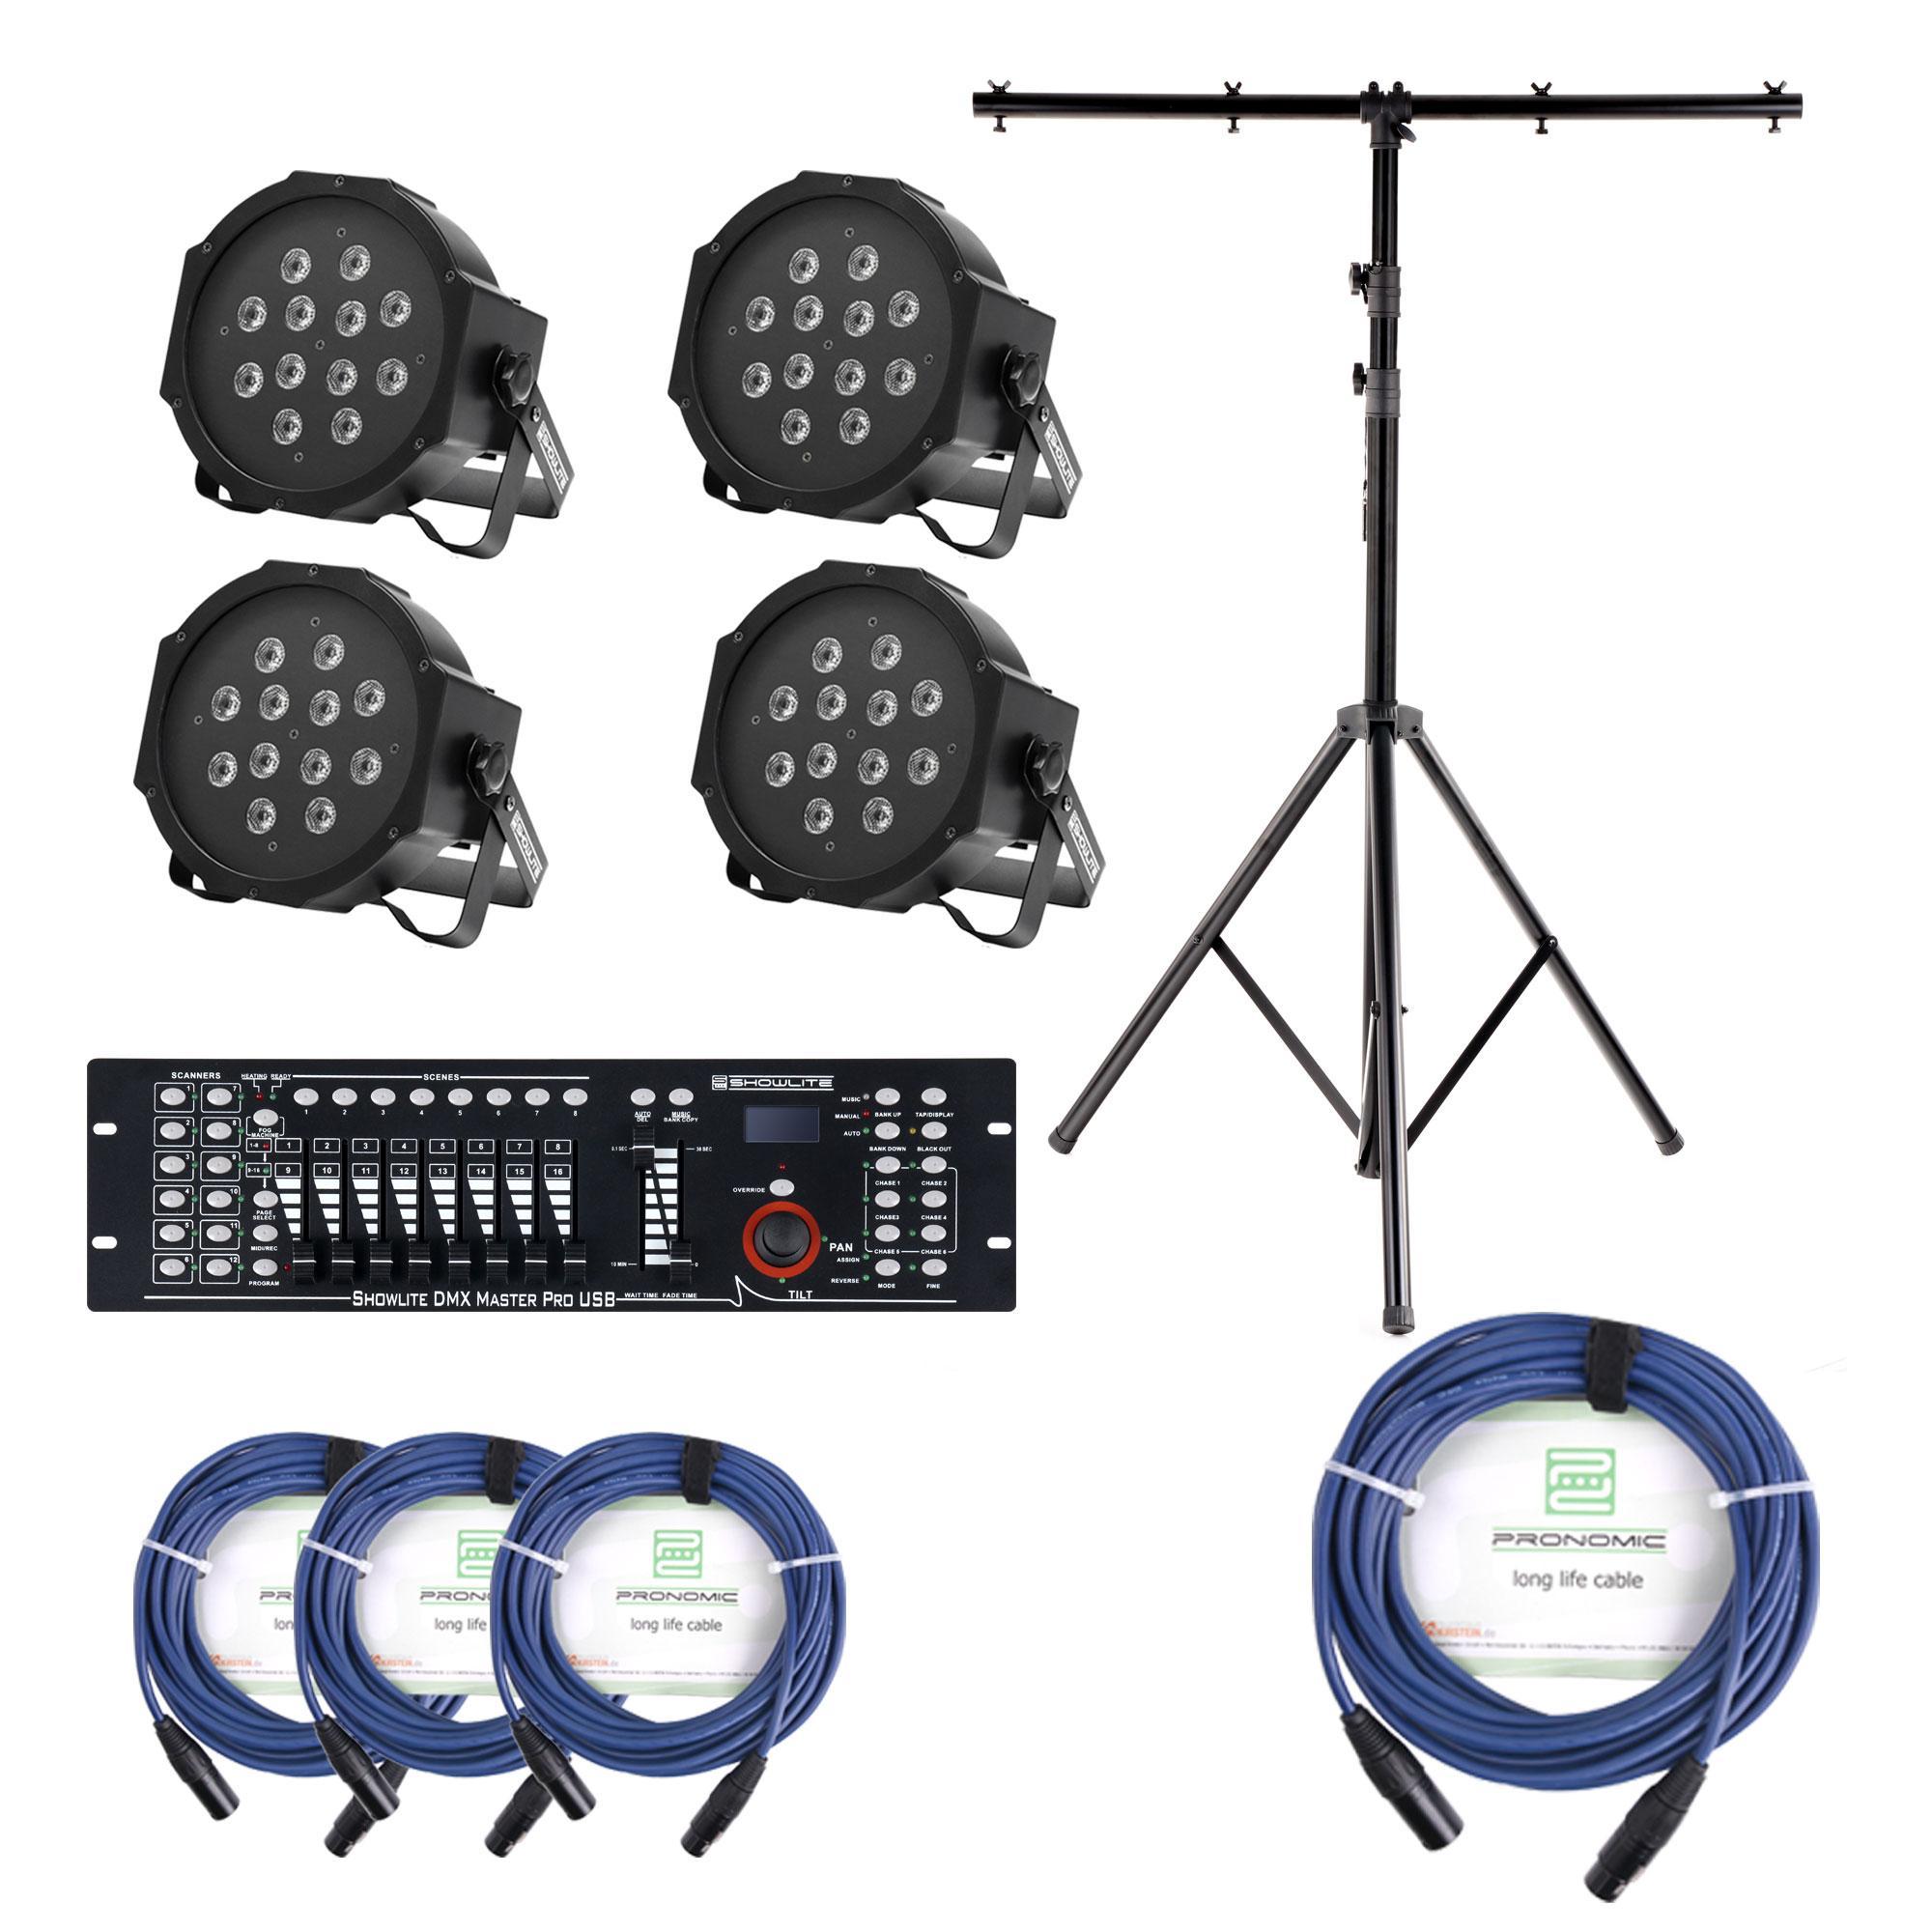 Showlite FLP 12x1W Scheinwerfer 4 x Set inkl. Showlite Master Pro USB, Stativ Kabel